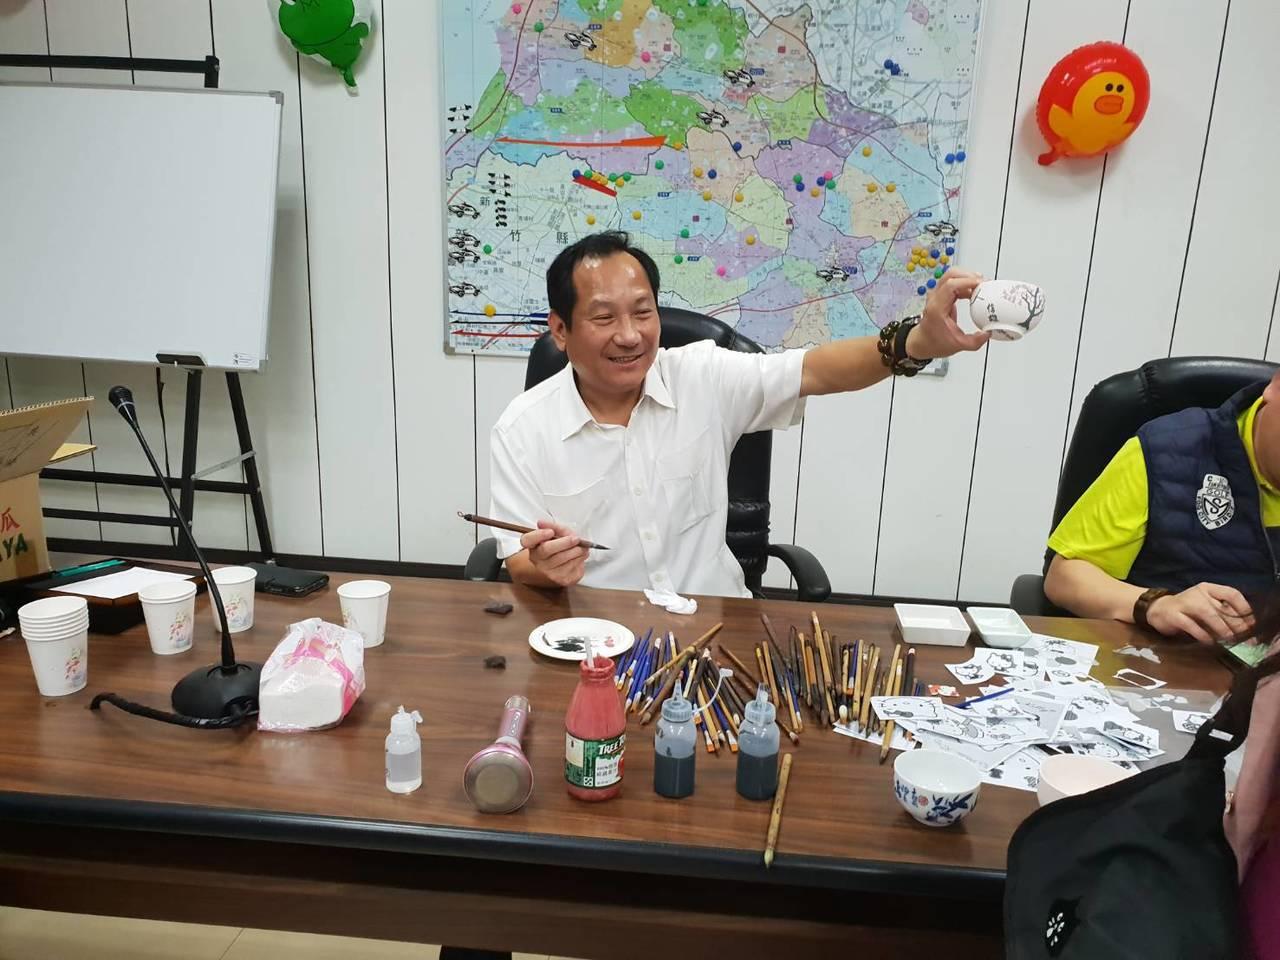 楊梅警分局長林信雄為鼓舞同仁士氣及提倡正當的休閒活動,今年特別以熱鬧的遊戲競賽方...